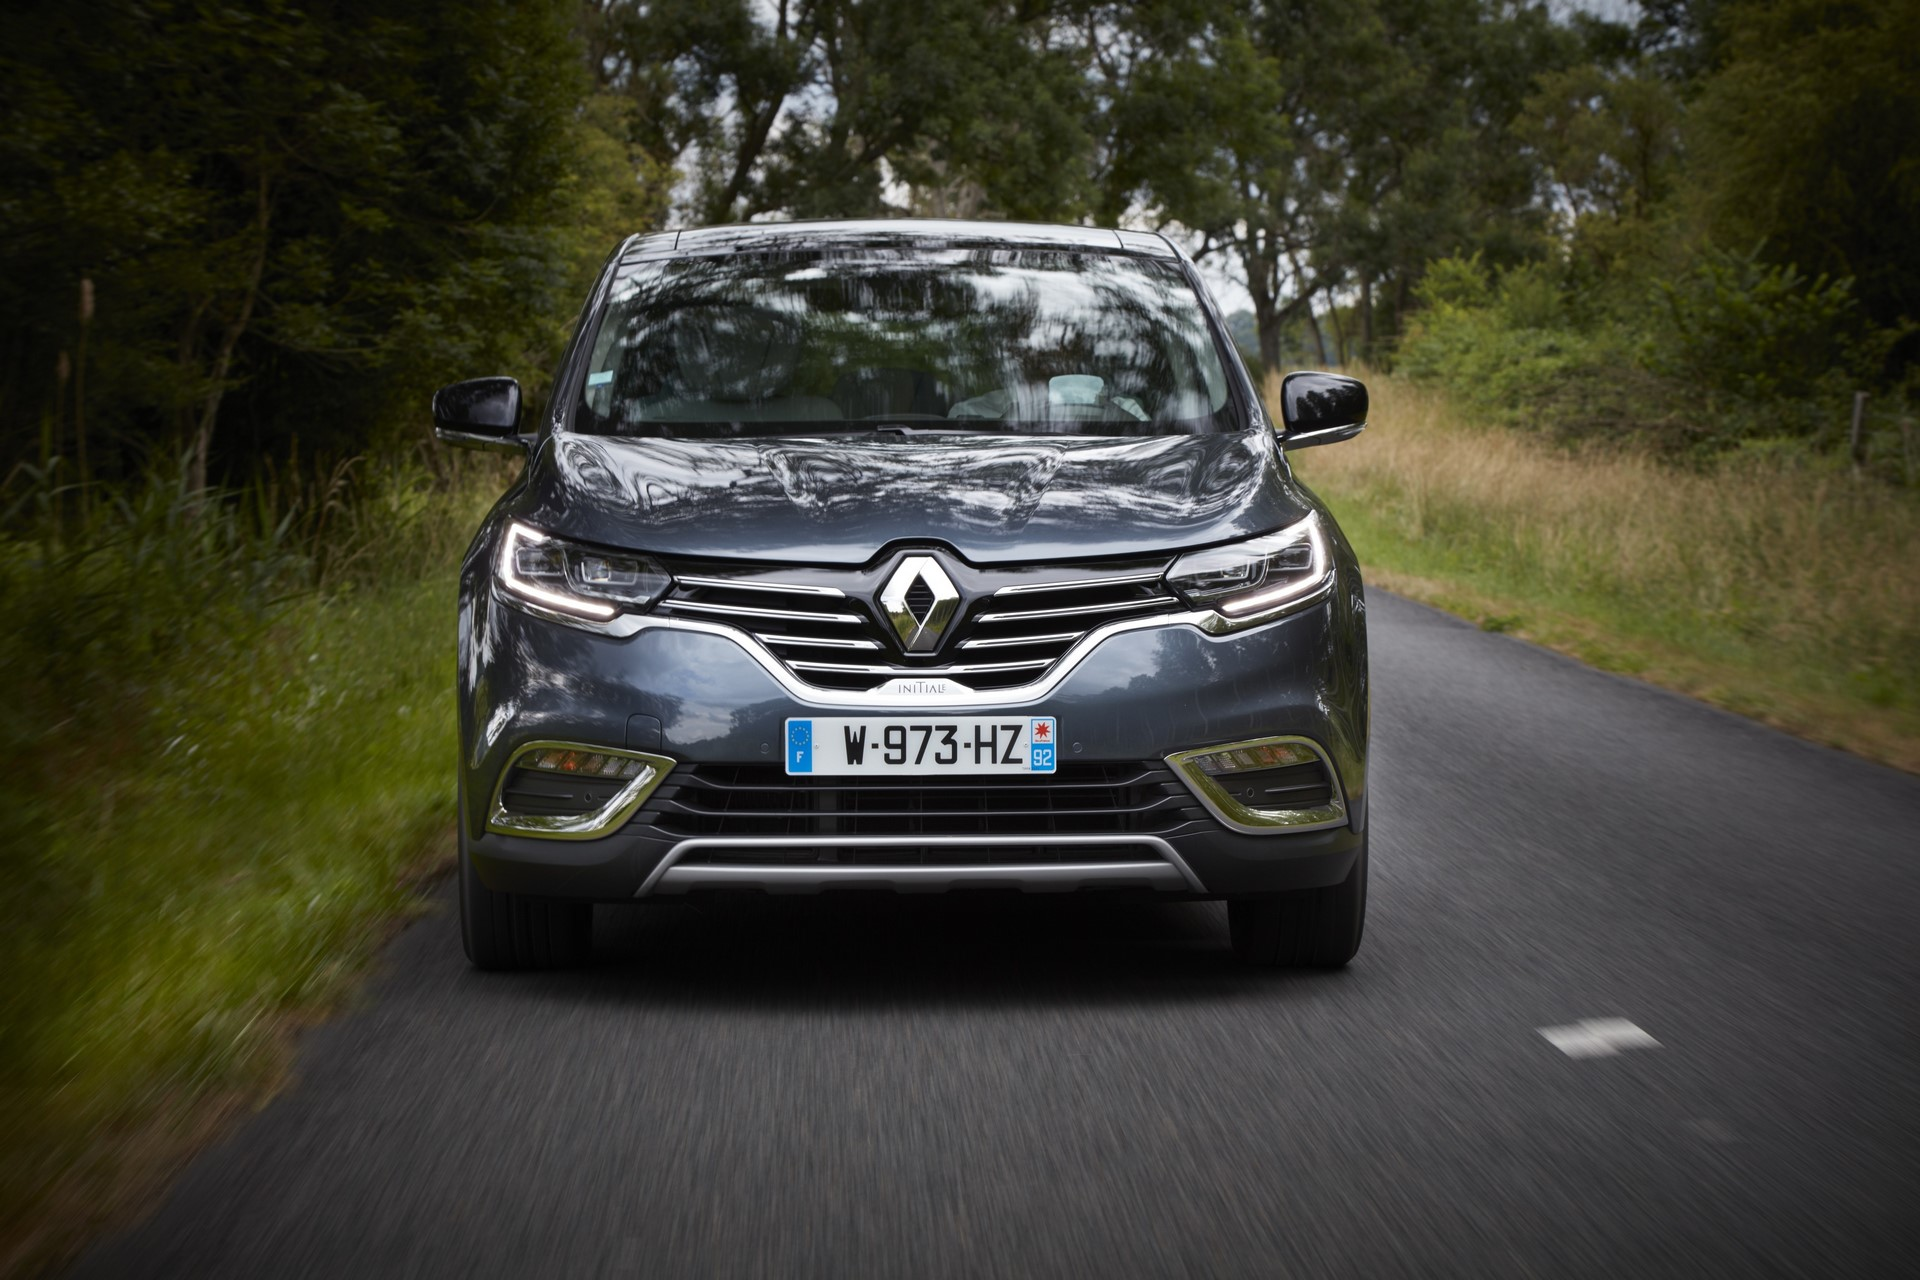 Renault_93204_global_en